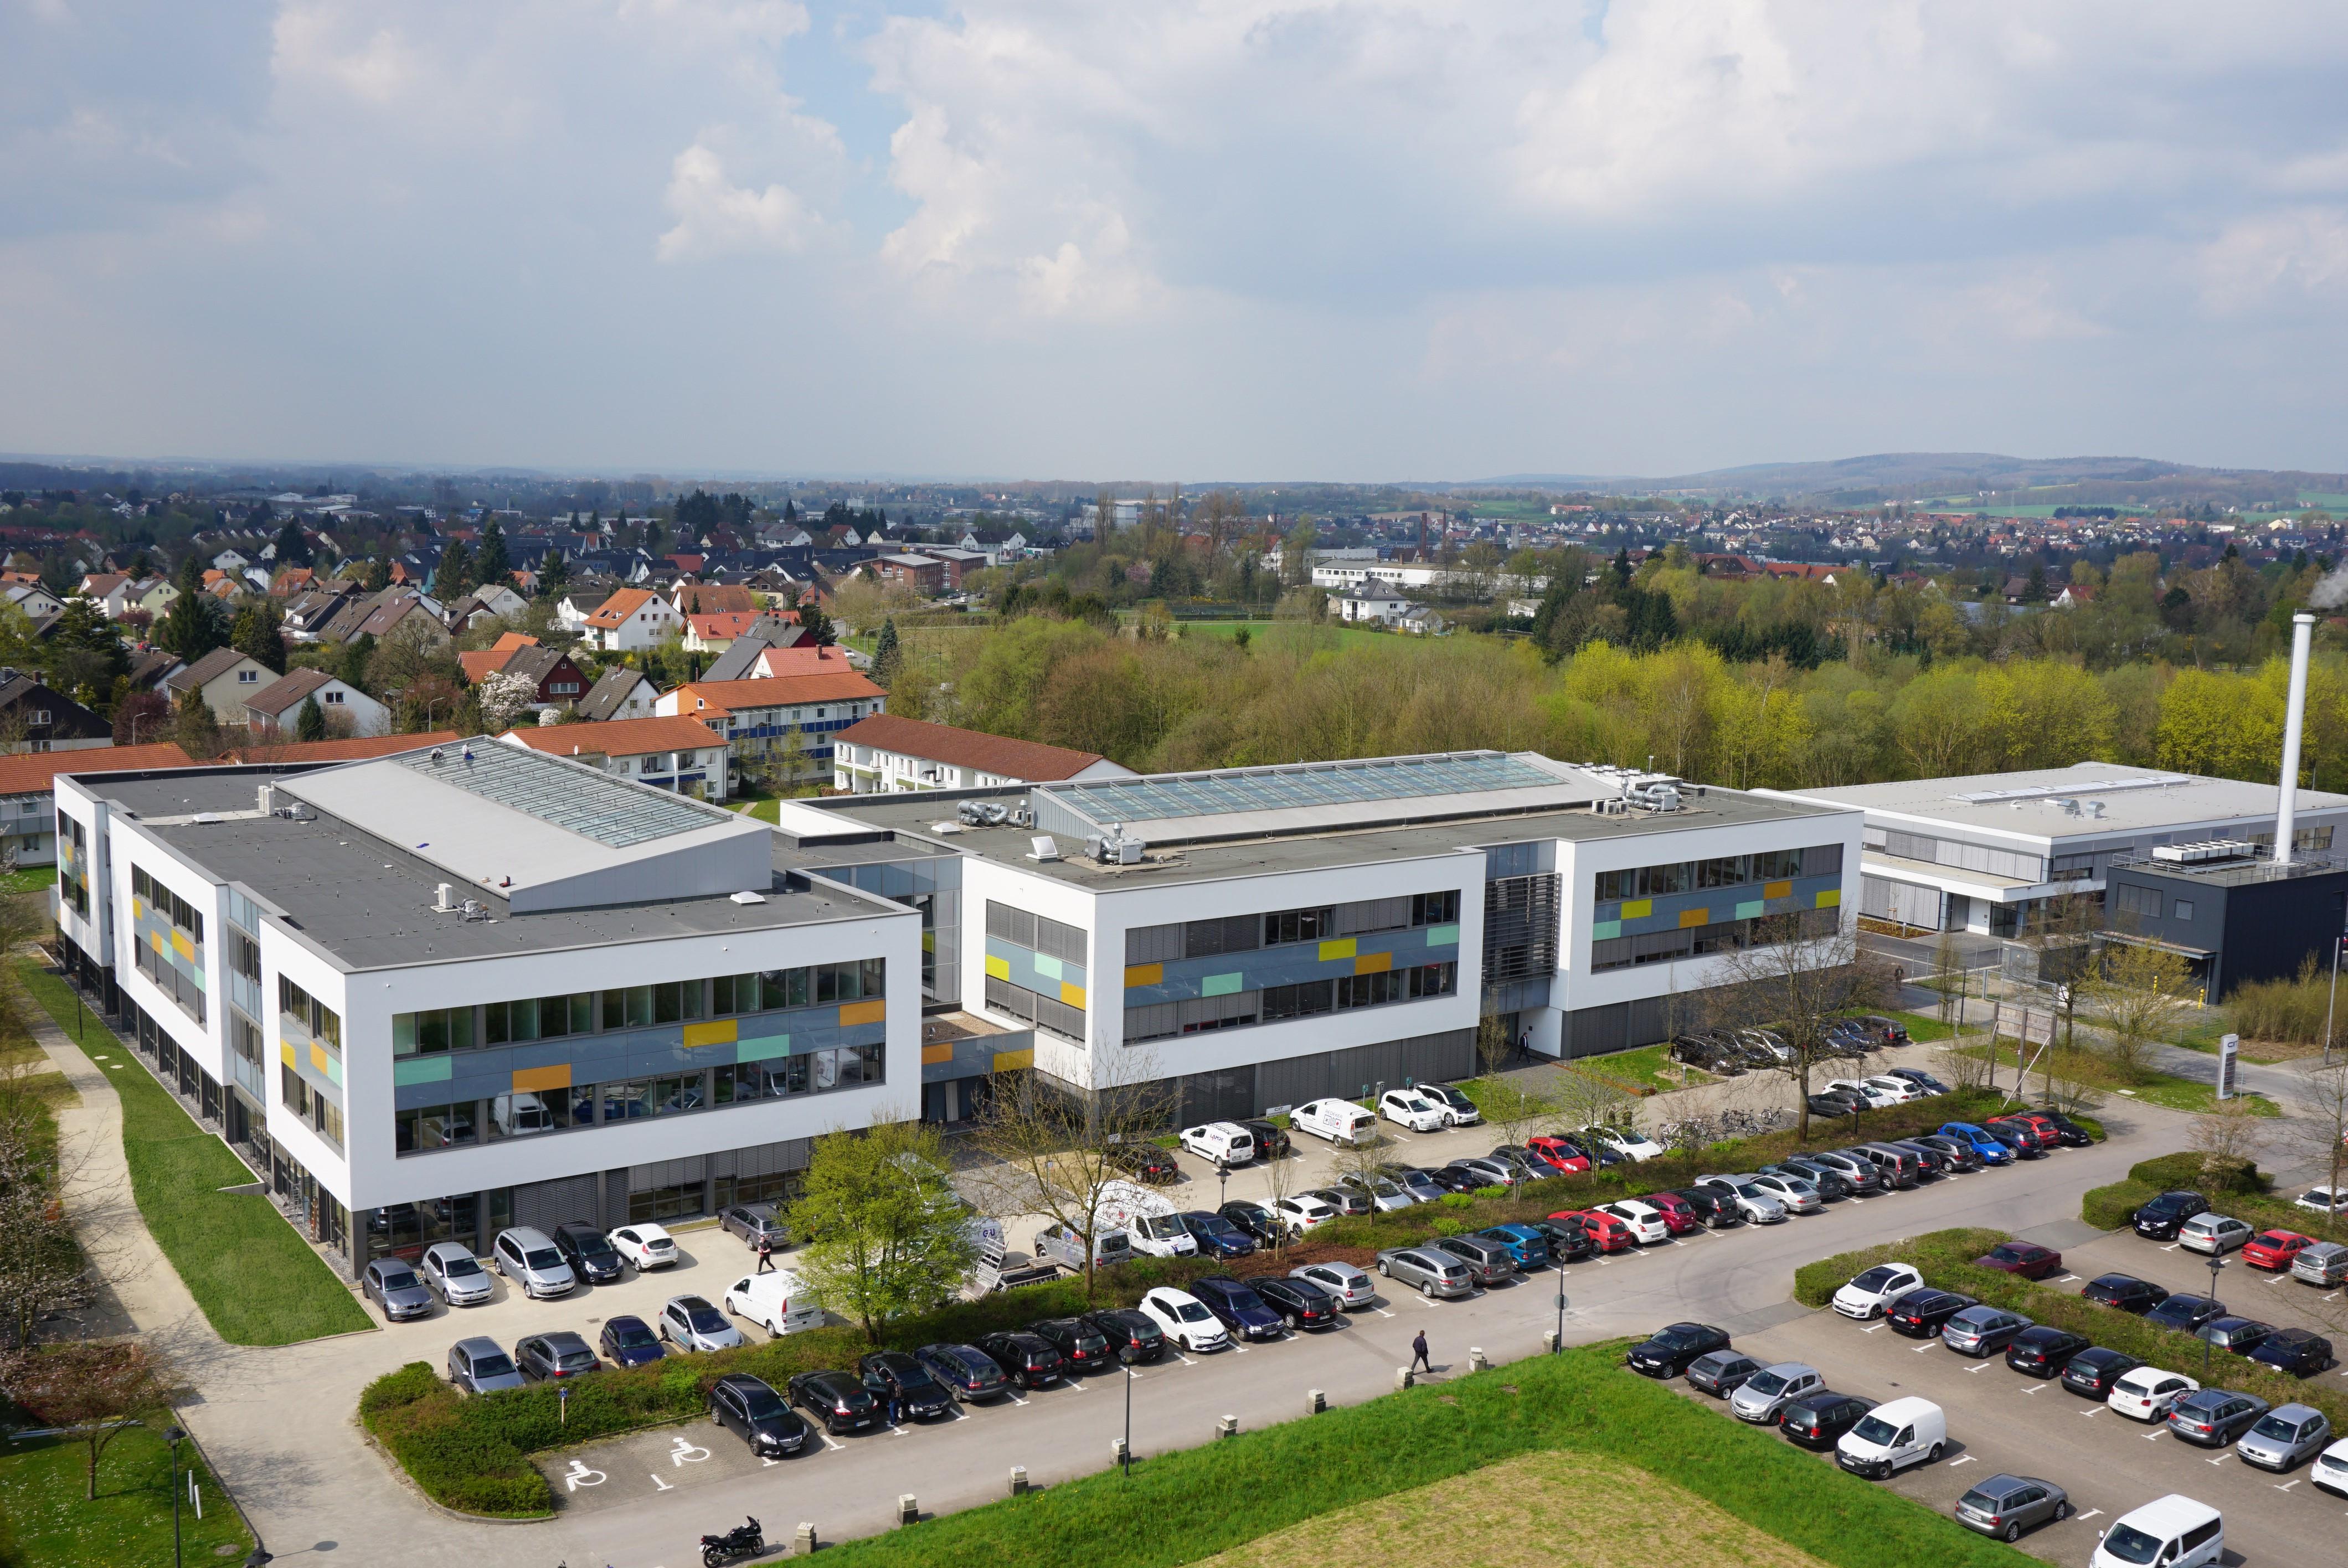 Lemgo als starker Standort: Weidmüller stärkt mit seiner Präsenz den Innovation Campus (Foto: CIIT Lemgo)